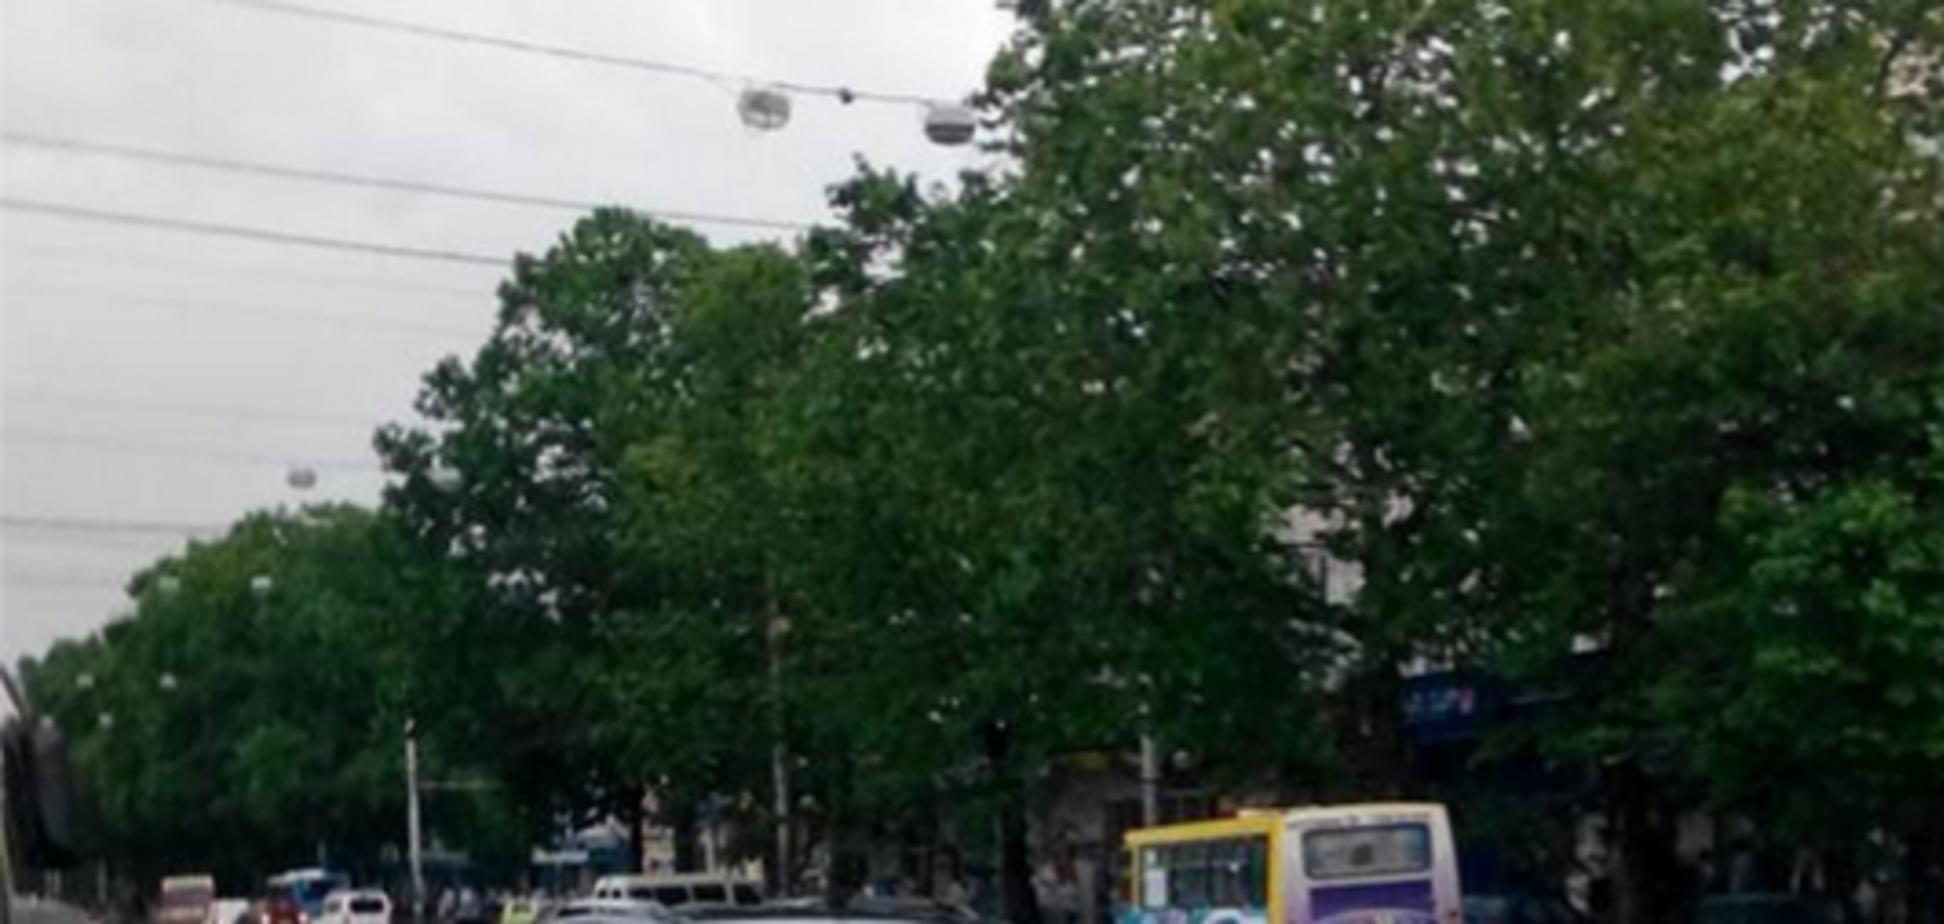 Симферополь захлебнулся в ливневых потоках из-за 'авральной' работы оккупантов: опубликованы фото и видео